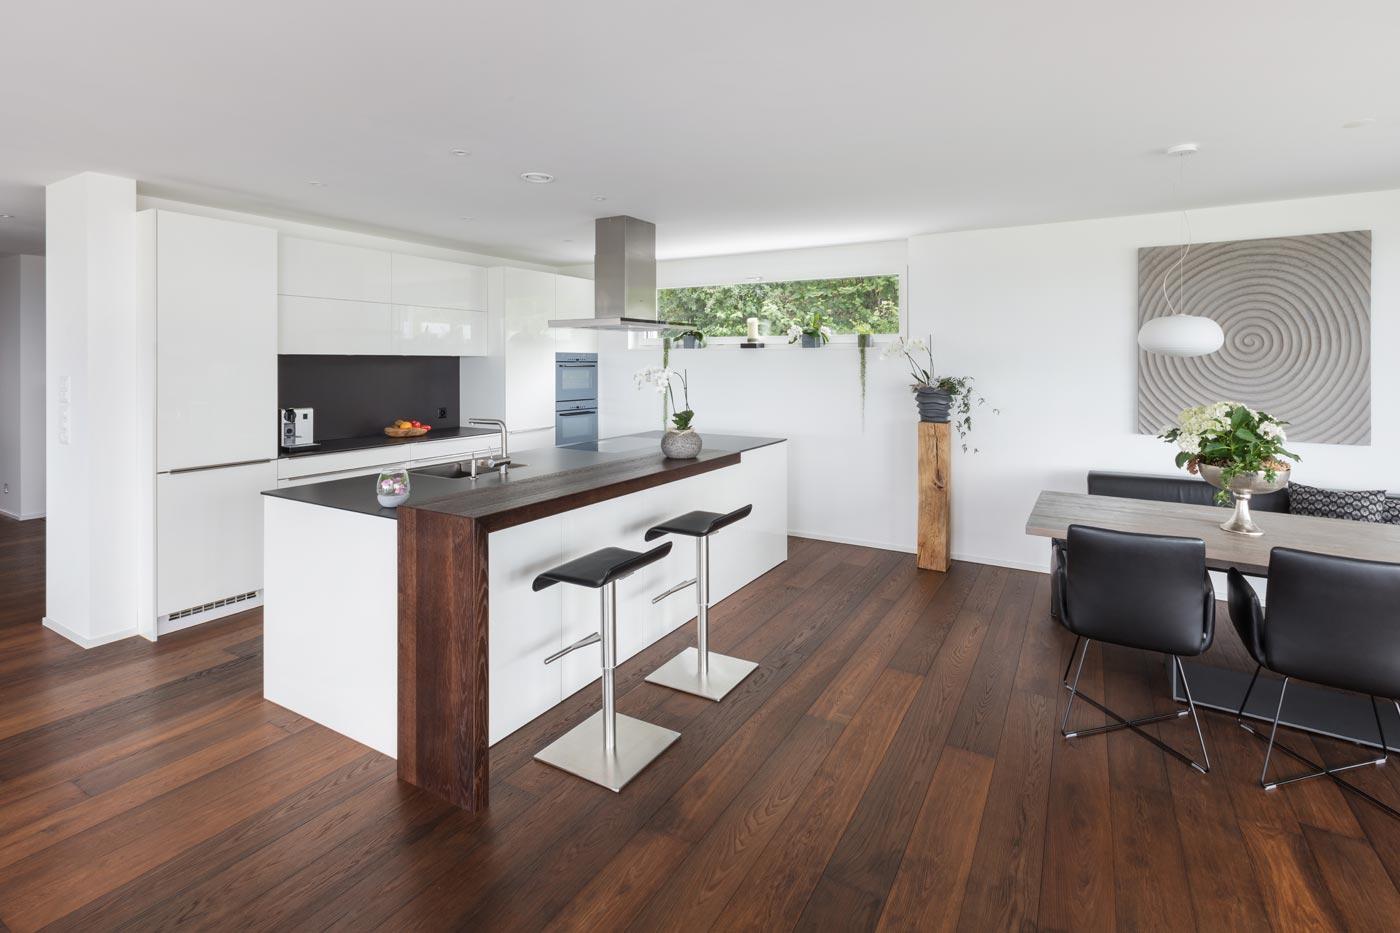 stilvolle Wohnküche mit Bar